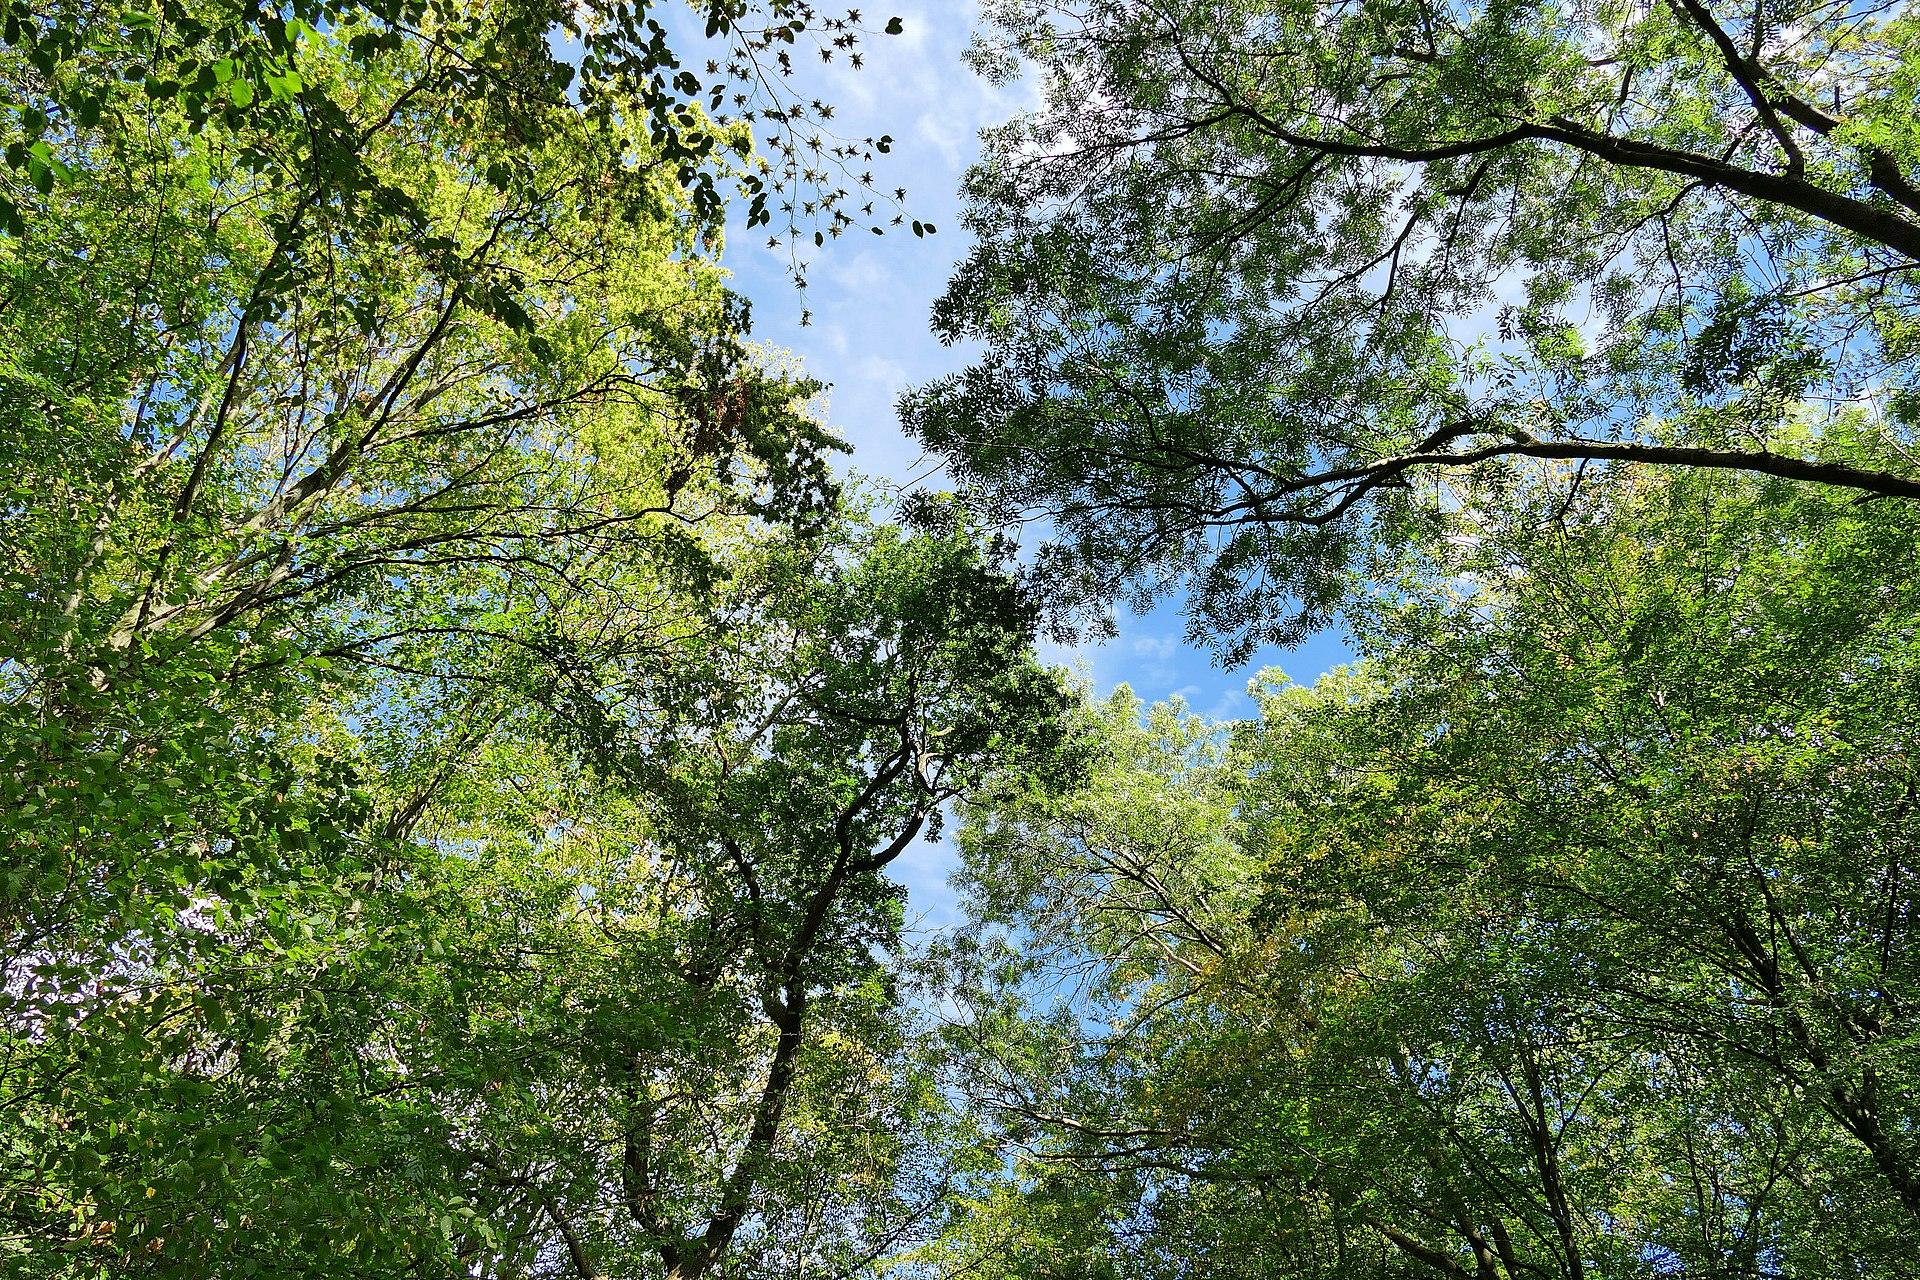 Baumkronen Hambacher Forst, September 2018. Foto: Kimba Reimer / CC BY 2.0